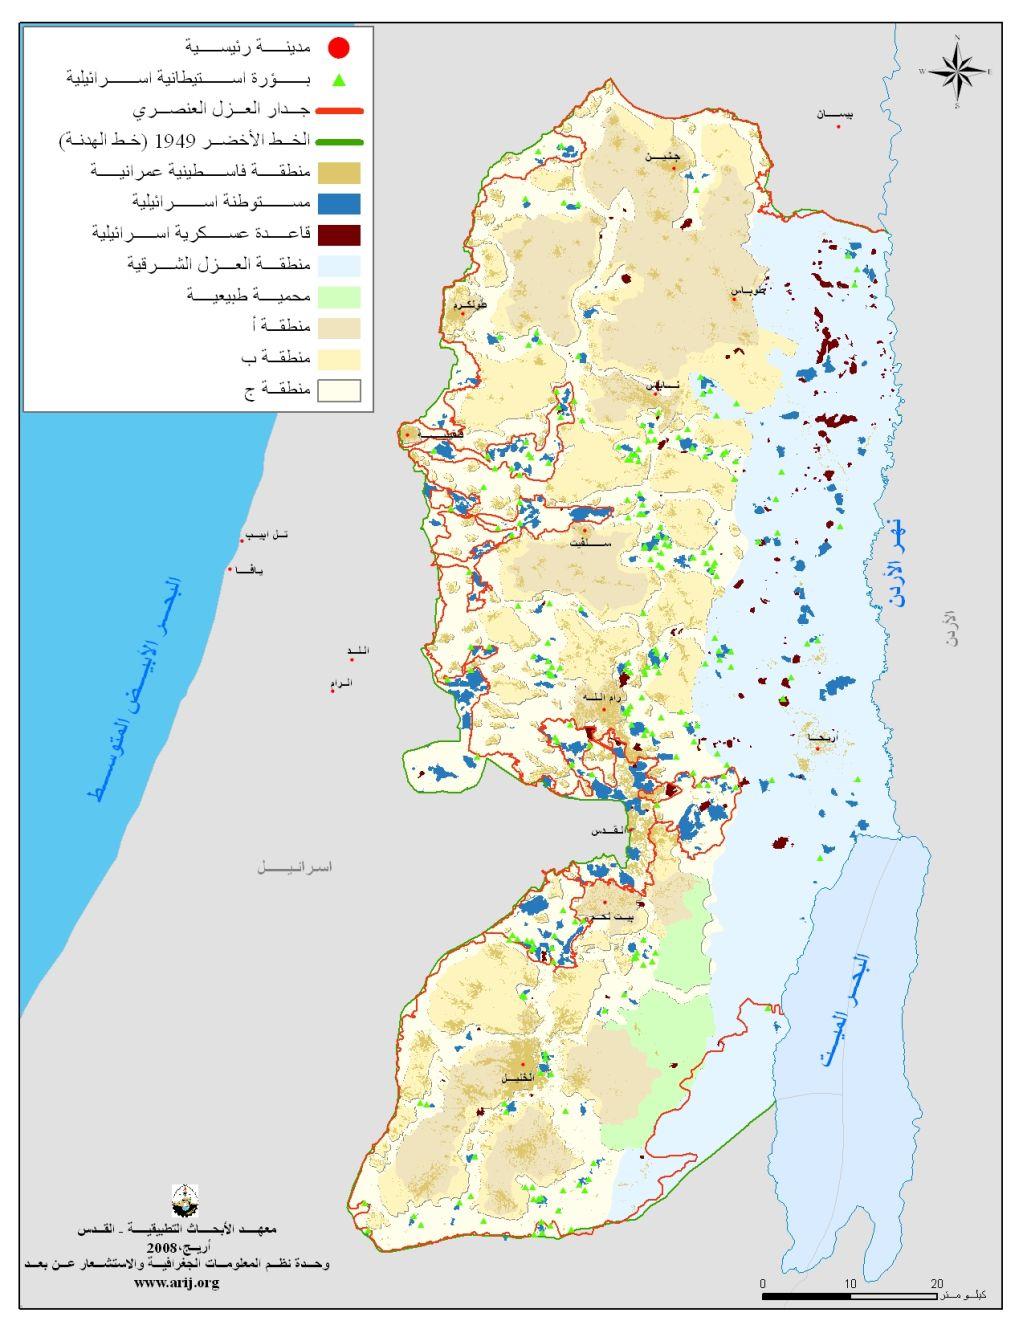 """إذا ضمّت إسرائيل المنطقة """"ج"""" فالعالم كله سيعاقبها"""